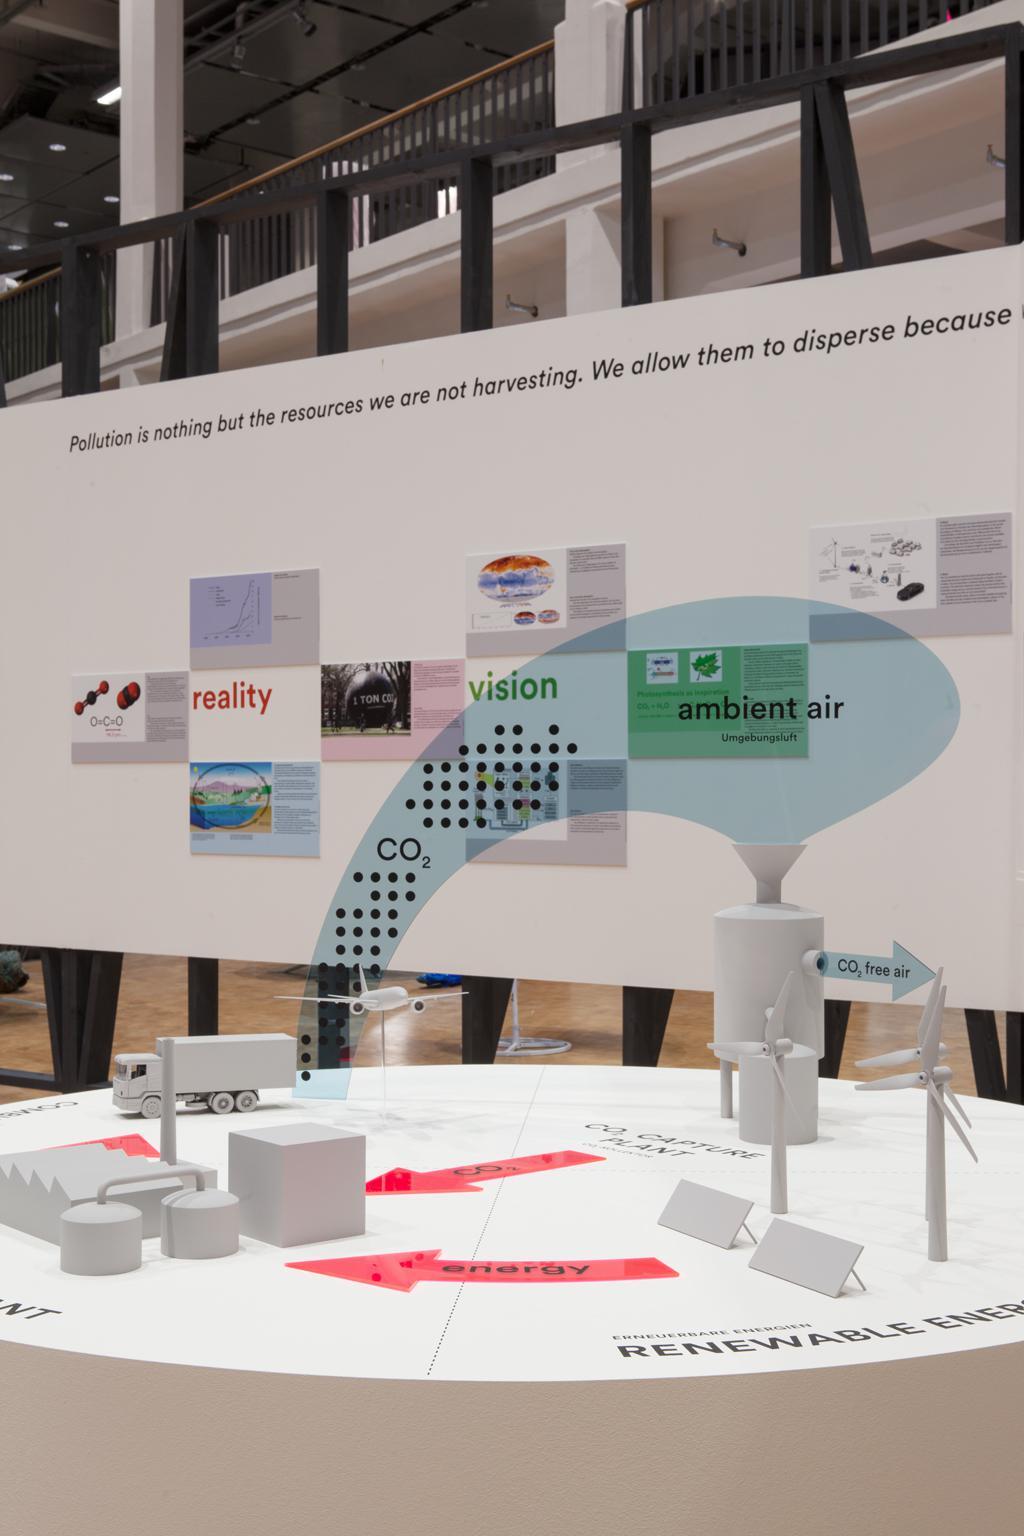 Didaktisches 3D-Modell auf einem runden Sockel, im Hintergrund ein erläuterndes Tafelbild.